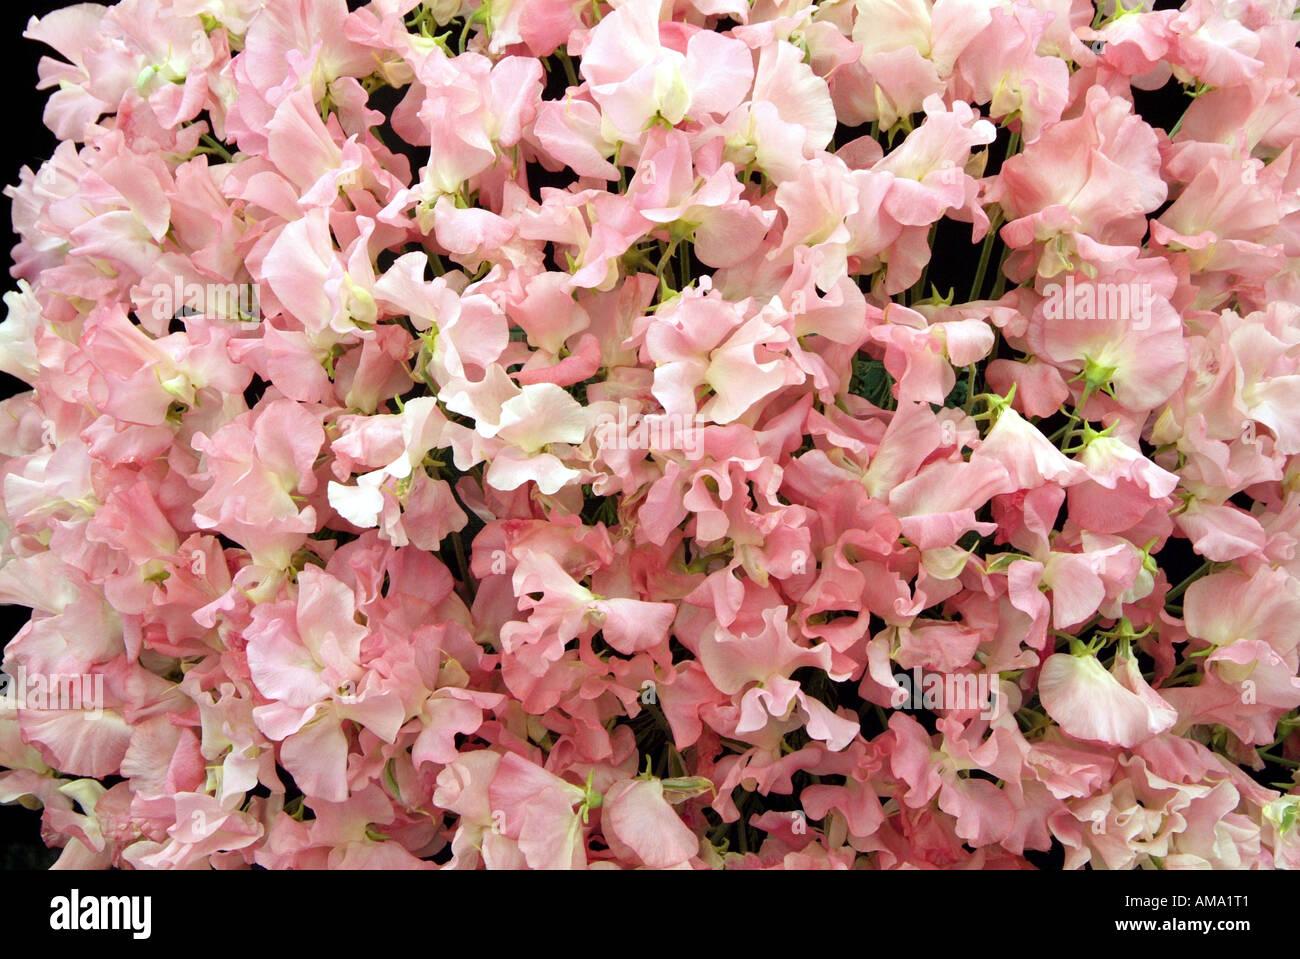 Tas de pois sucré rose masse Lathyrus odoratus annuelle Banque D'Images